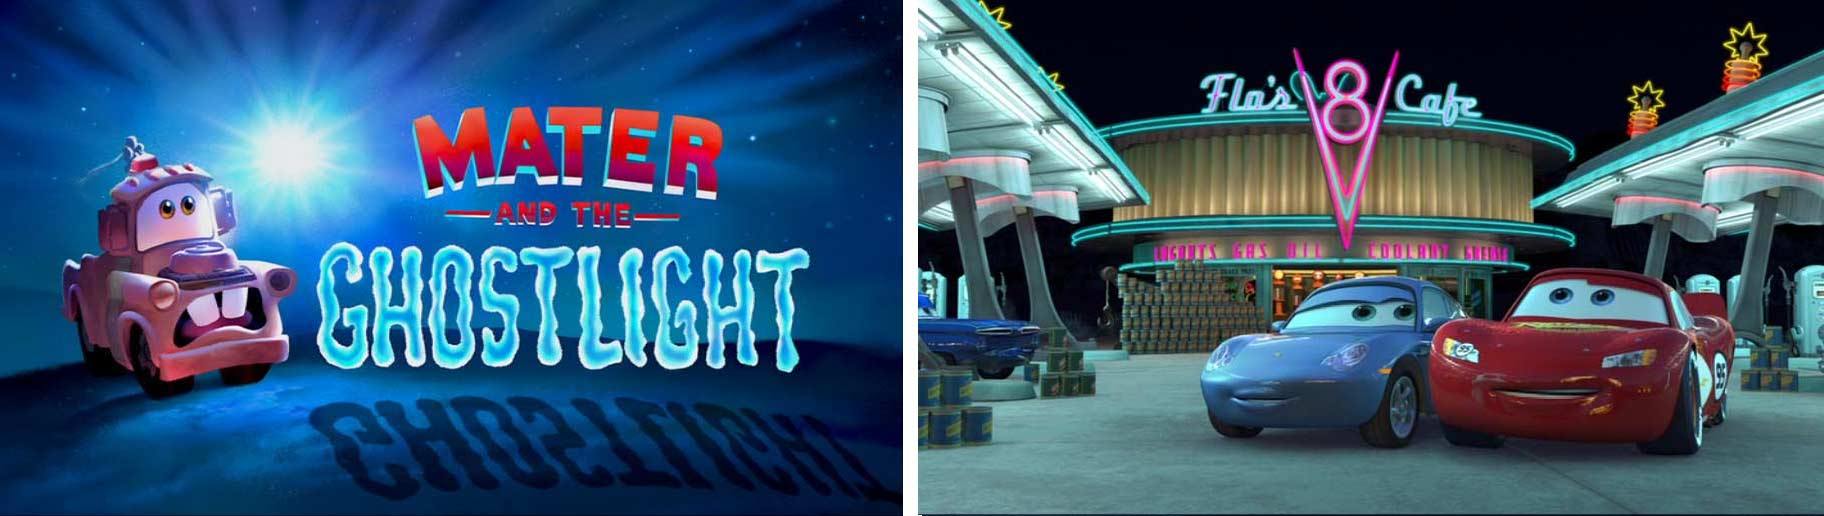 Flash dans Martin et la lumière fantôme (Cars - Pixar)